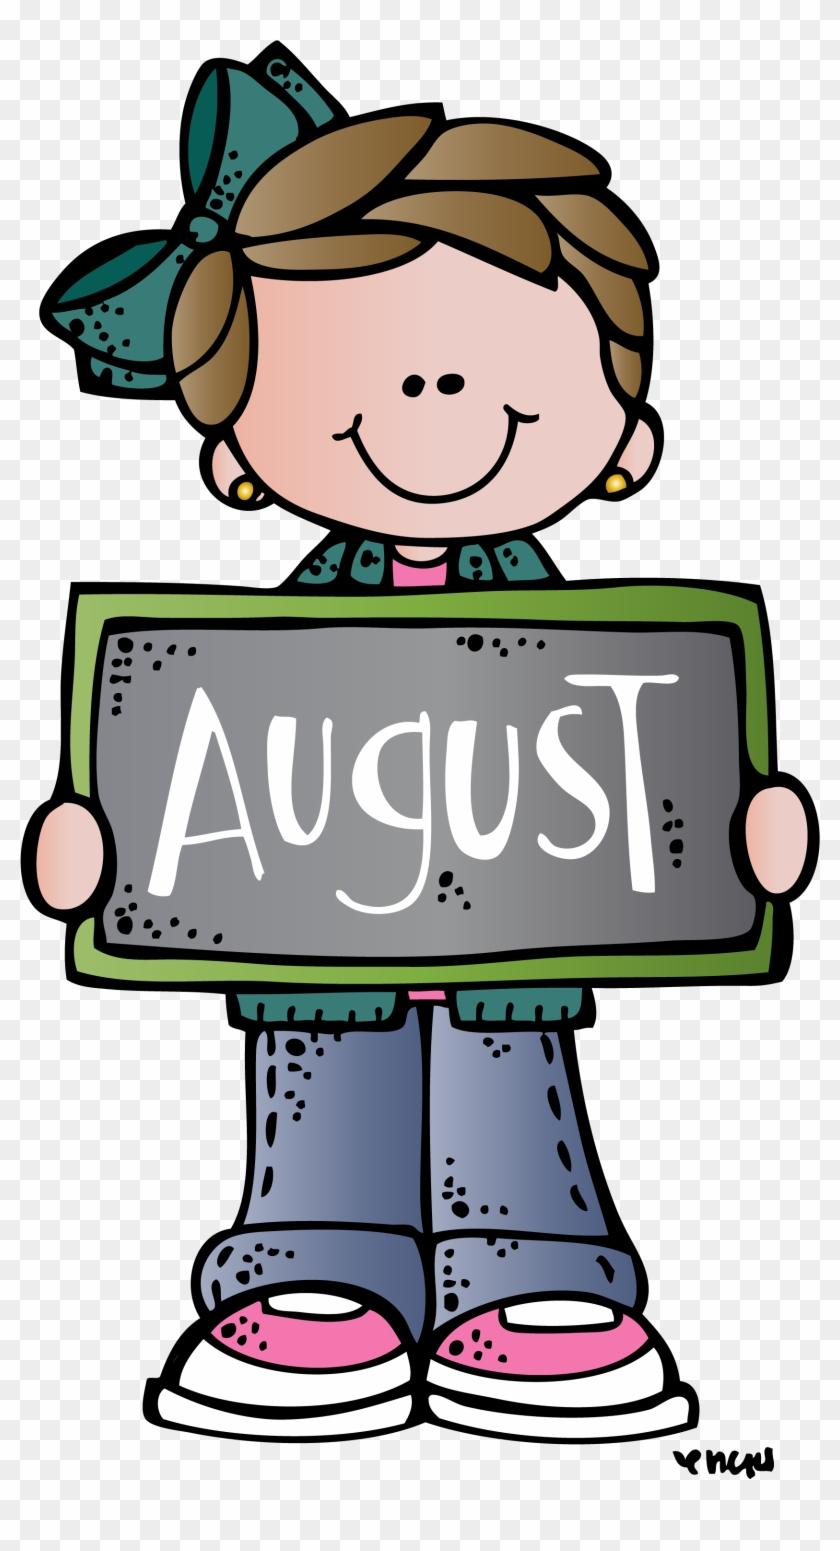 August Mel - Melonheadz Clipart August #1627